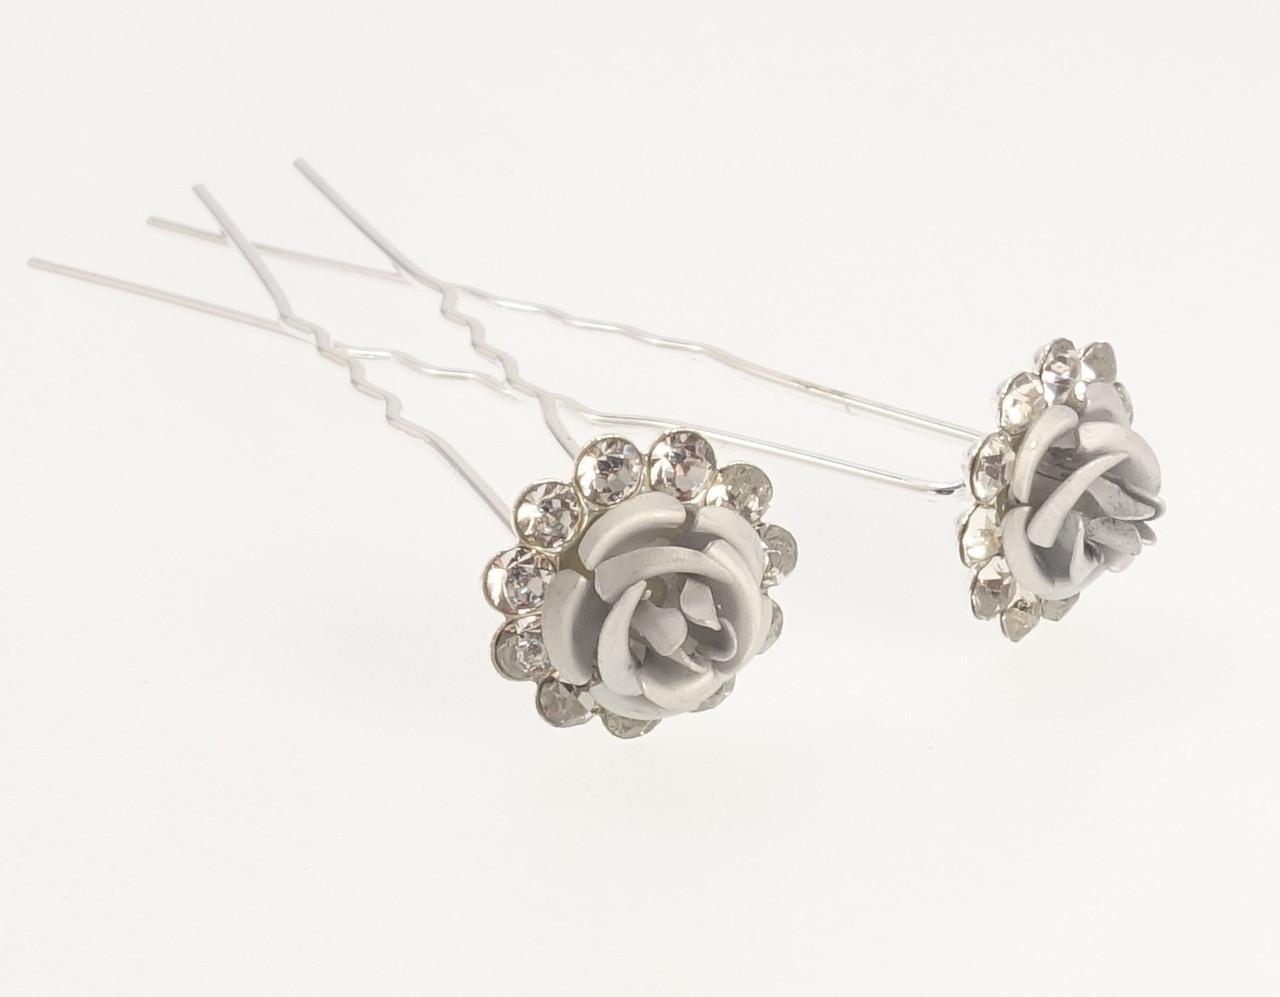 """Шпилька для волос """"Серебряная роза в обрамлении страз"""" ø 14мм (цена за одну штуку)"""